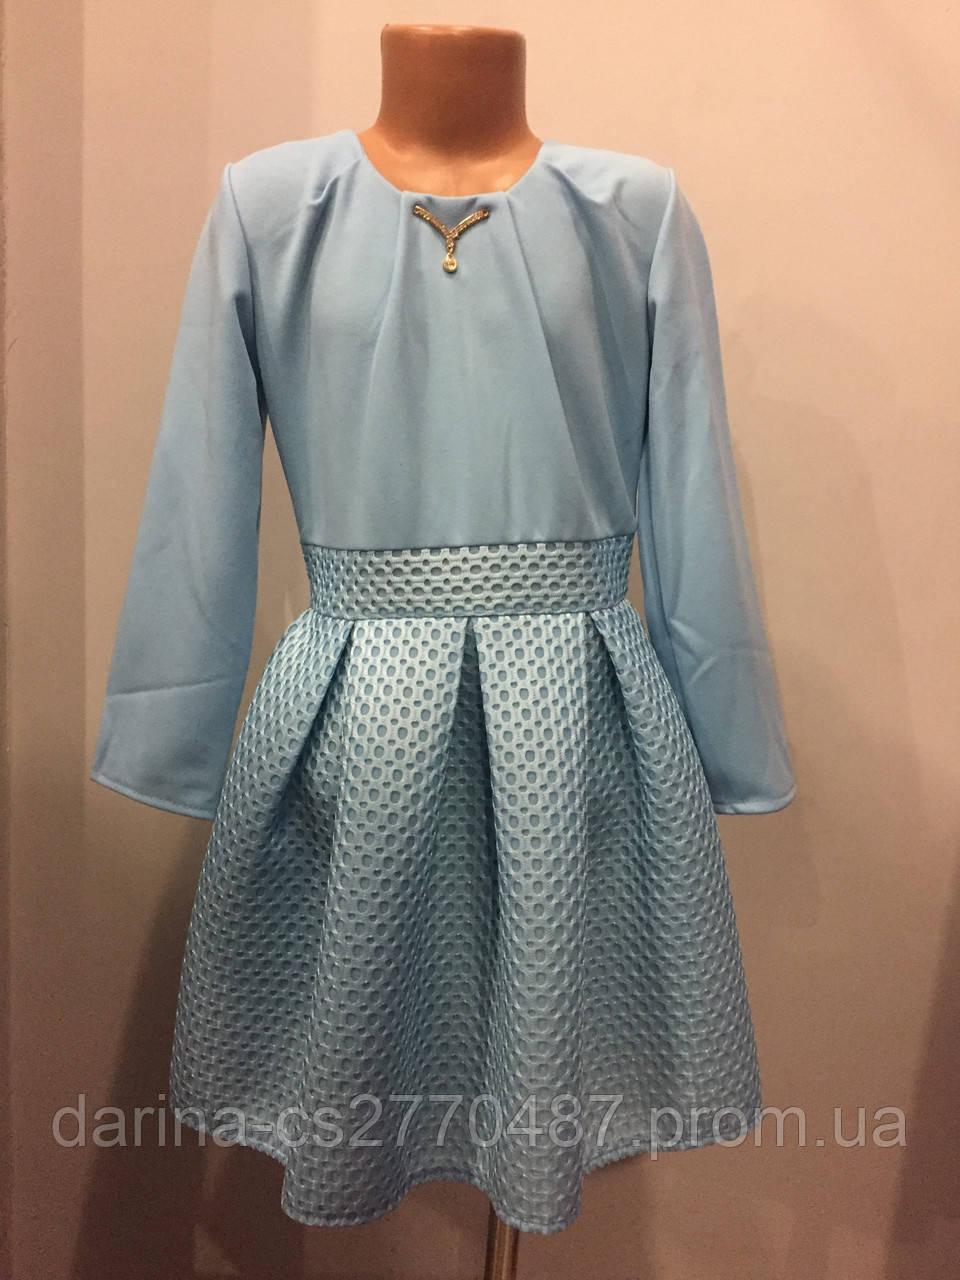 Платье для девочки с пышной юбкой из неопрена 140-158 см